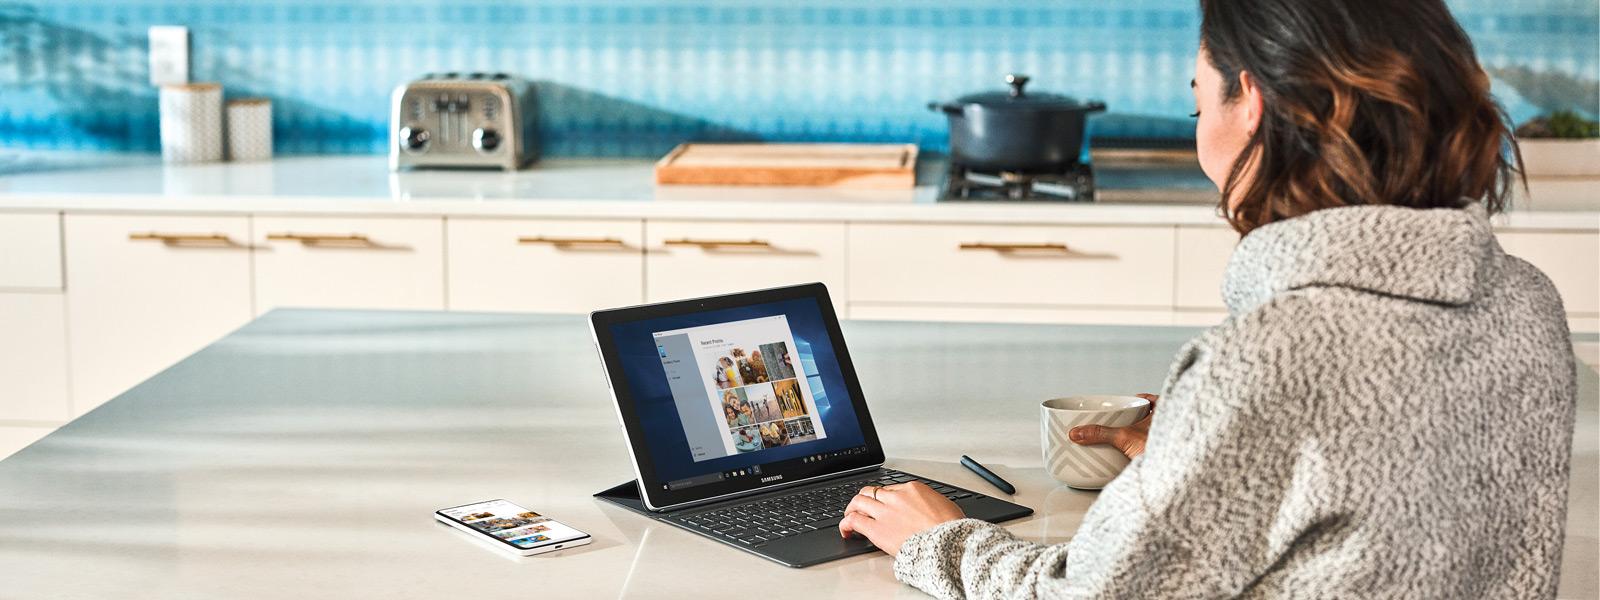 ผู้หญิงนั่งอยู่ที่เคาน์เตอร์ในห้องครัวและกำลังใช้งานคอมพิวเตอร์แล็ปท็อป Windows 10 กับโทรศัพท์มือถือของเธอ